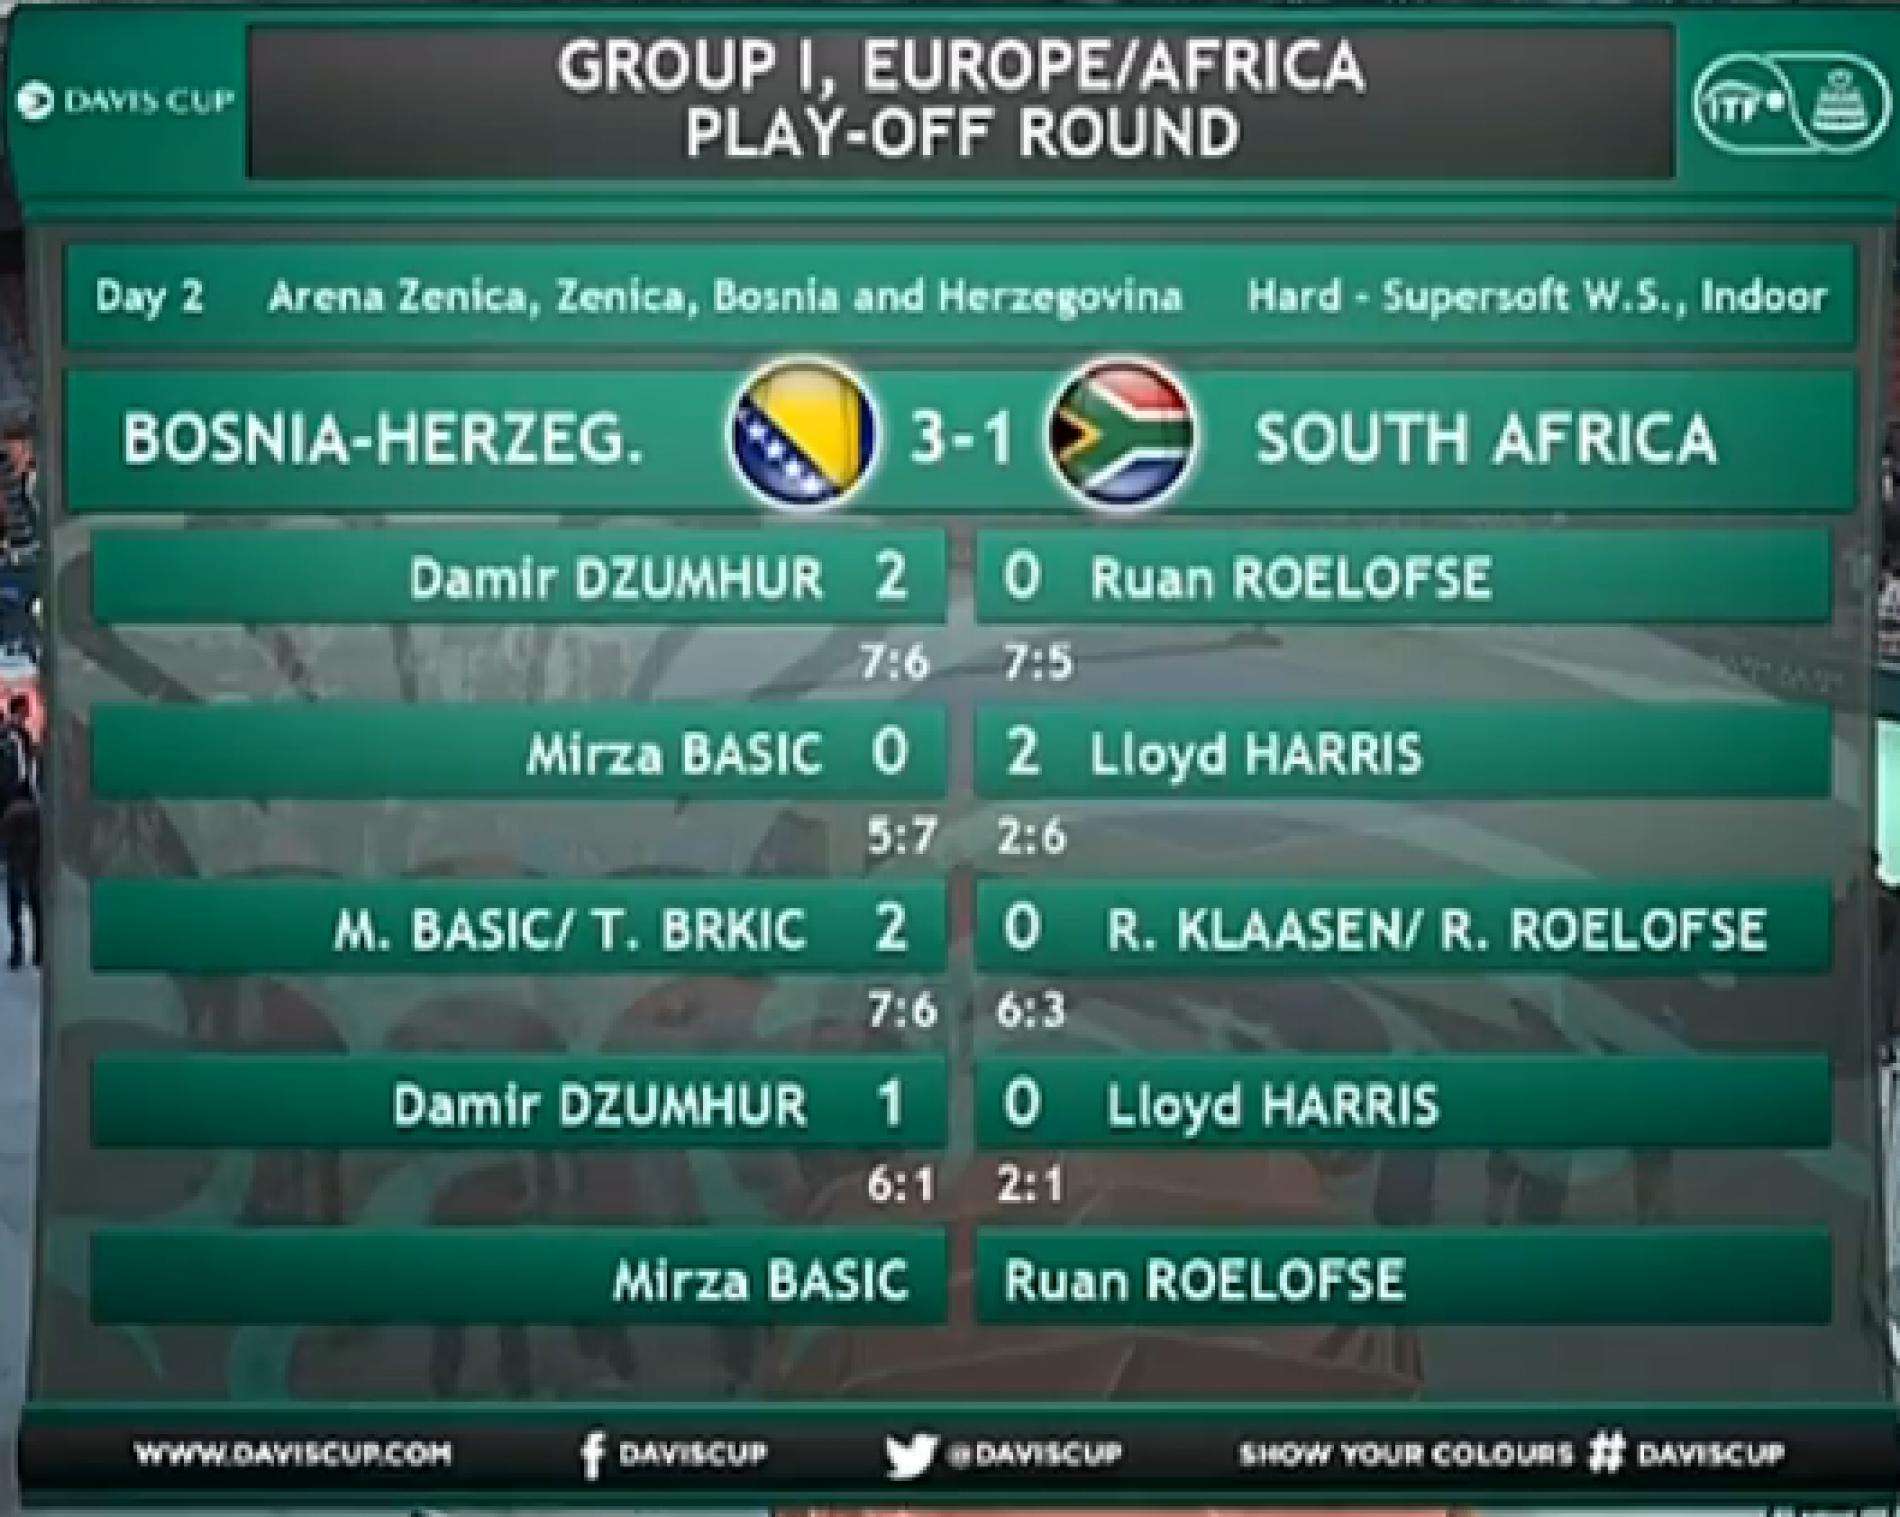 Davis cup: Pobjeda bosanskih tenisera nad južnoafričkim